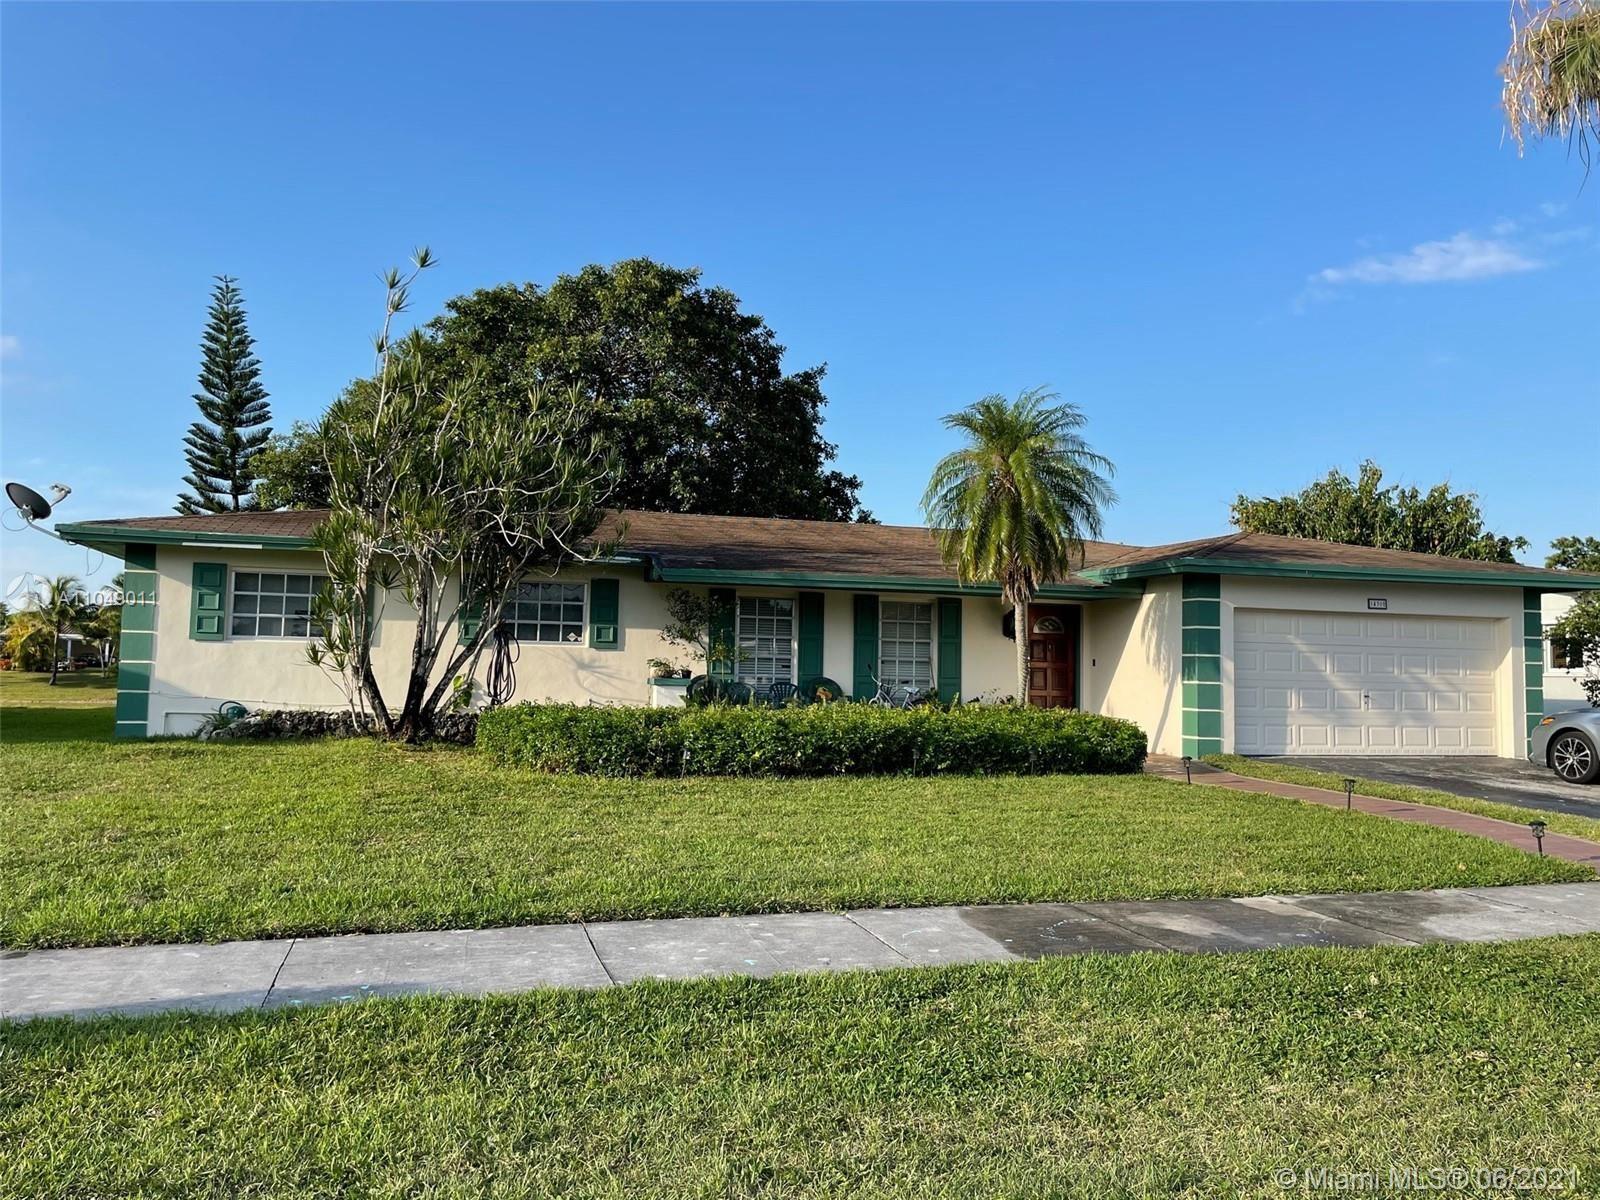 14300 SW 74th St, Miami, FL 33183 - #: A11049011